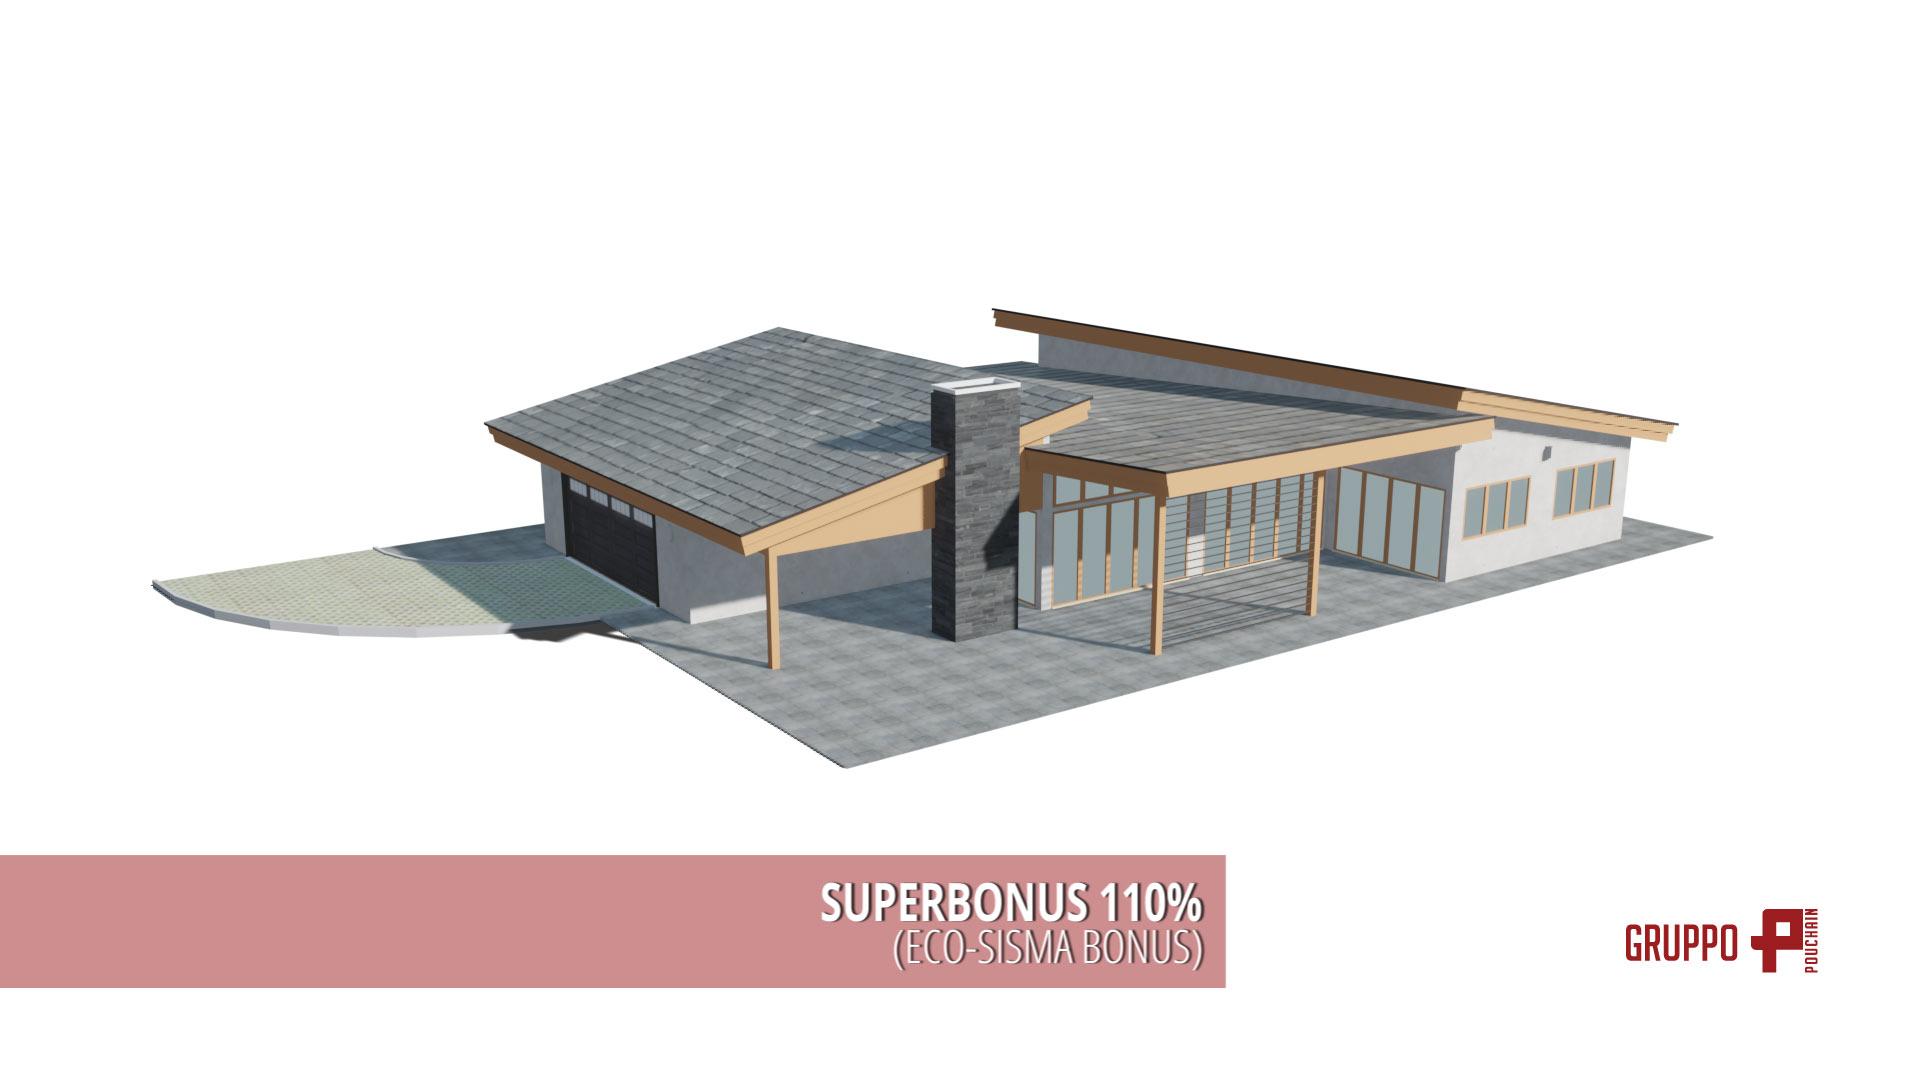 superbonus-110-eco-sisma-bonus